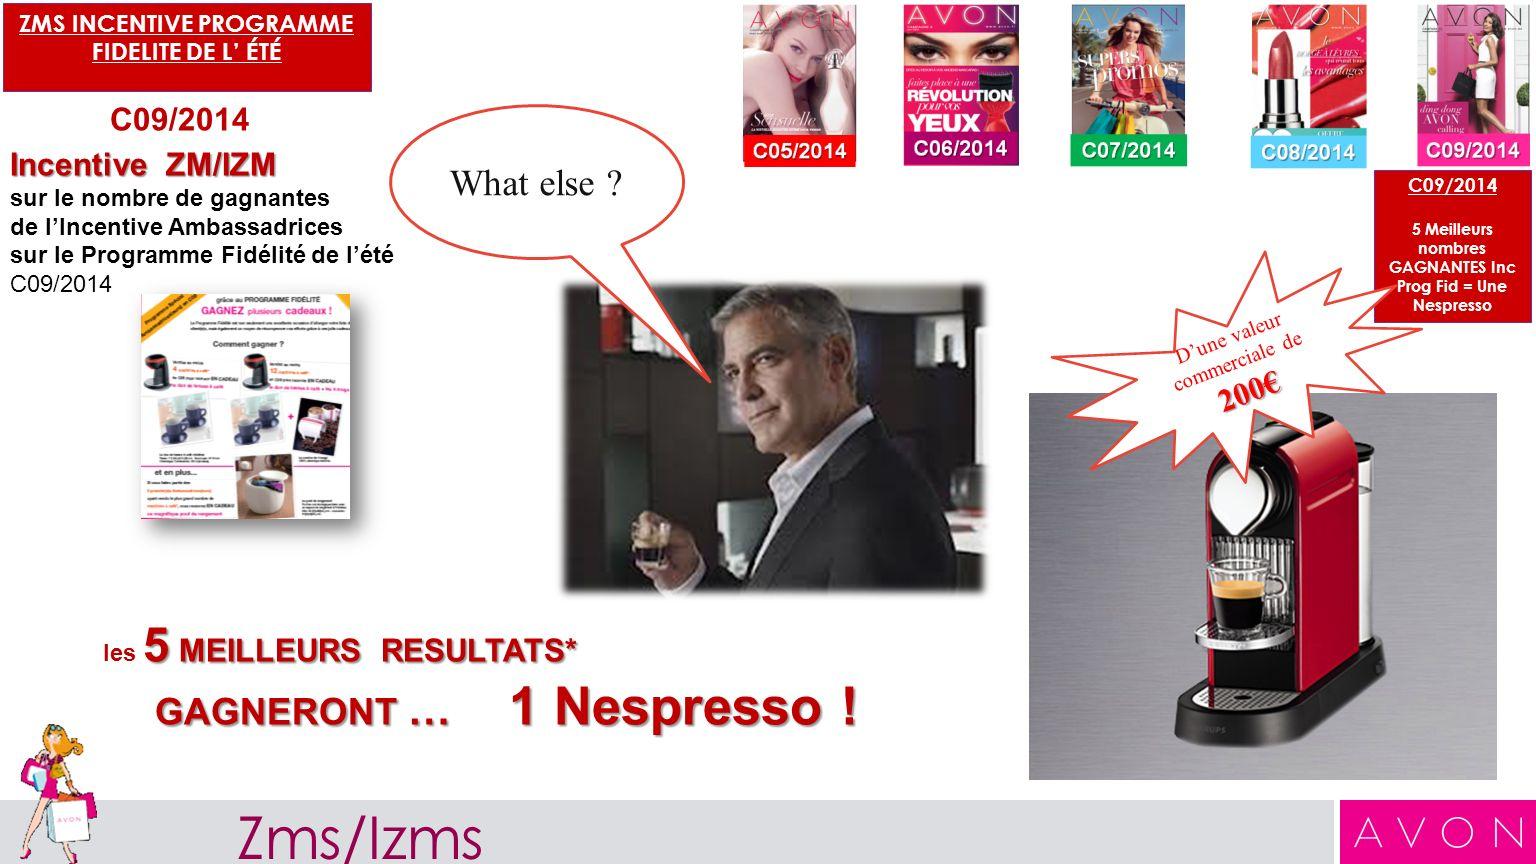 C09/2014 5 Meilleurs nombres GAGNANTES Inc Prog Fid = Une Nespresso ZMS INCENTIVE PROGRAMME FIDELITE DE L ÉTÉ C09/2014 Incentive ZM/IZM sur le nombre de gagnantes de lIncentive Ambassadrices sur le Programme Fidélité de lété C09/2014 5 MEILLEURS RESULTATS* les 5 MEILLEURS RESULTATS* GAGNERONT … 1 Nespresso .